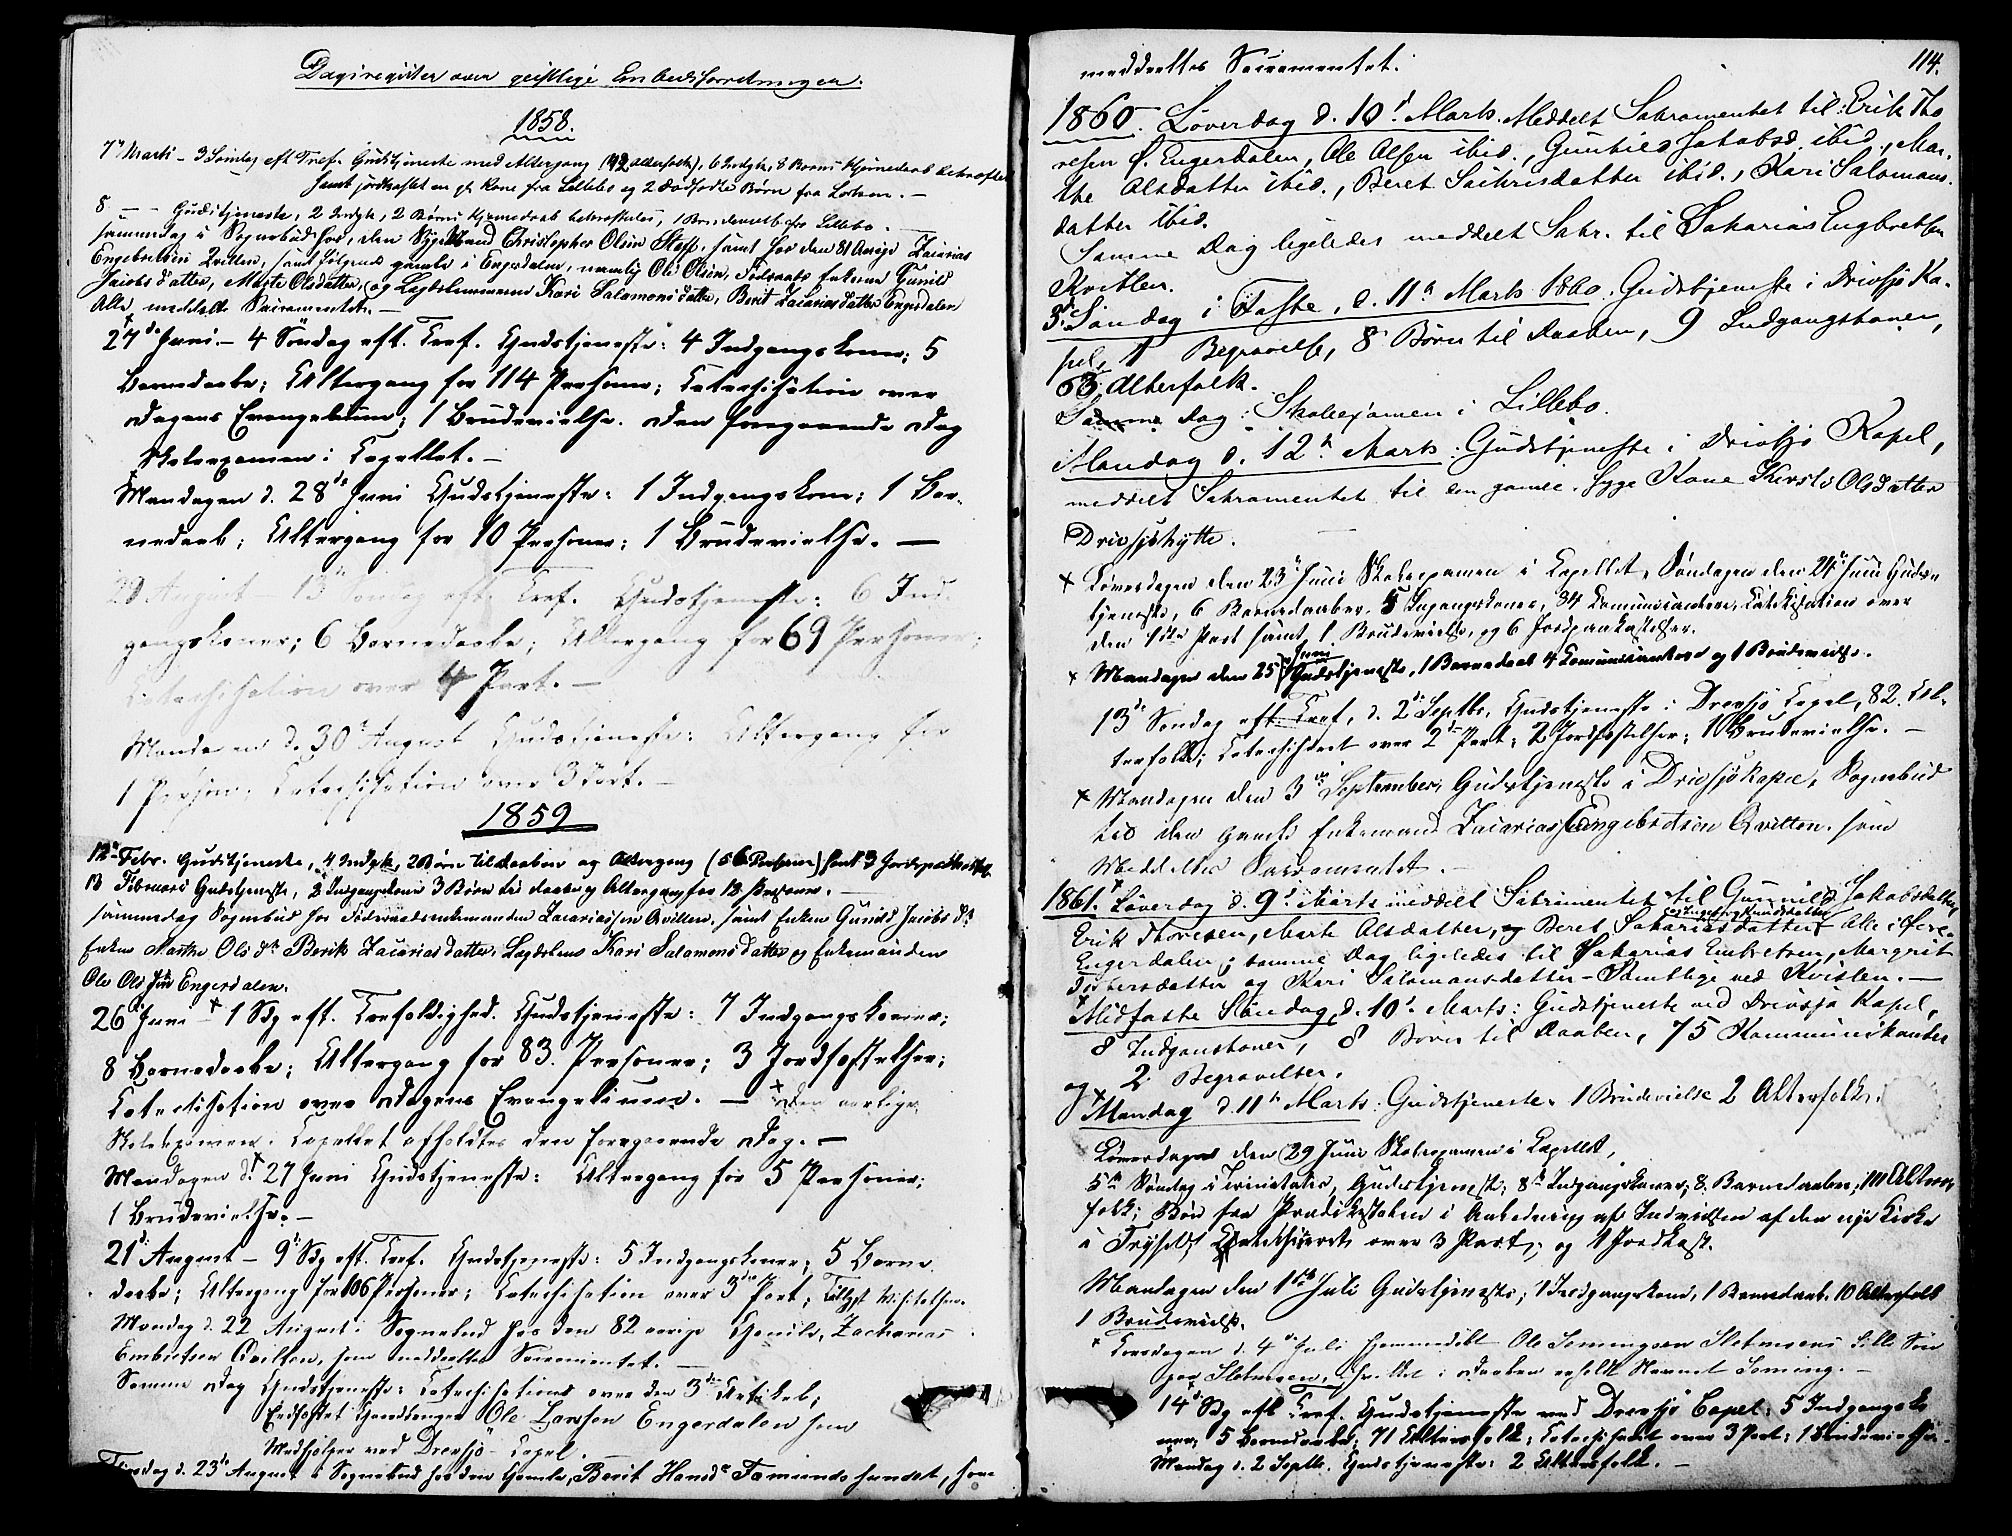 SAH, Rendalen prestekontor, H/Ha/Hab/L0002: Klokkerbok nr. 2, 1858-1880, s. 114